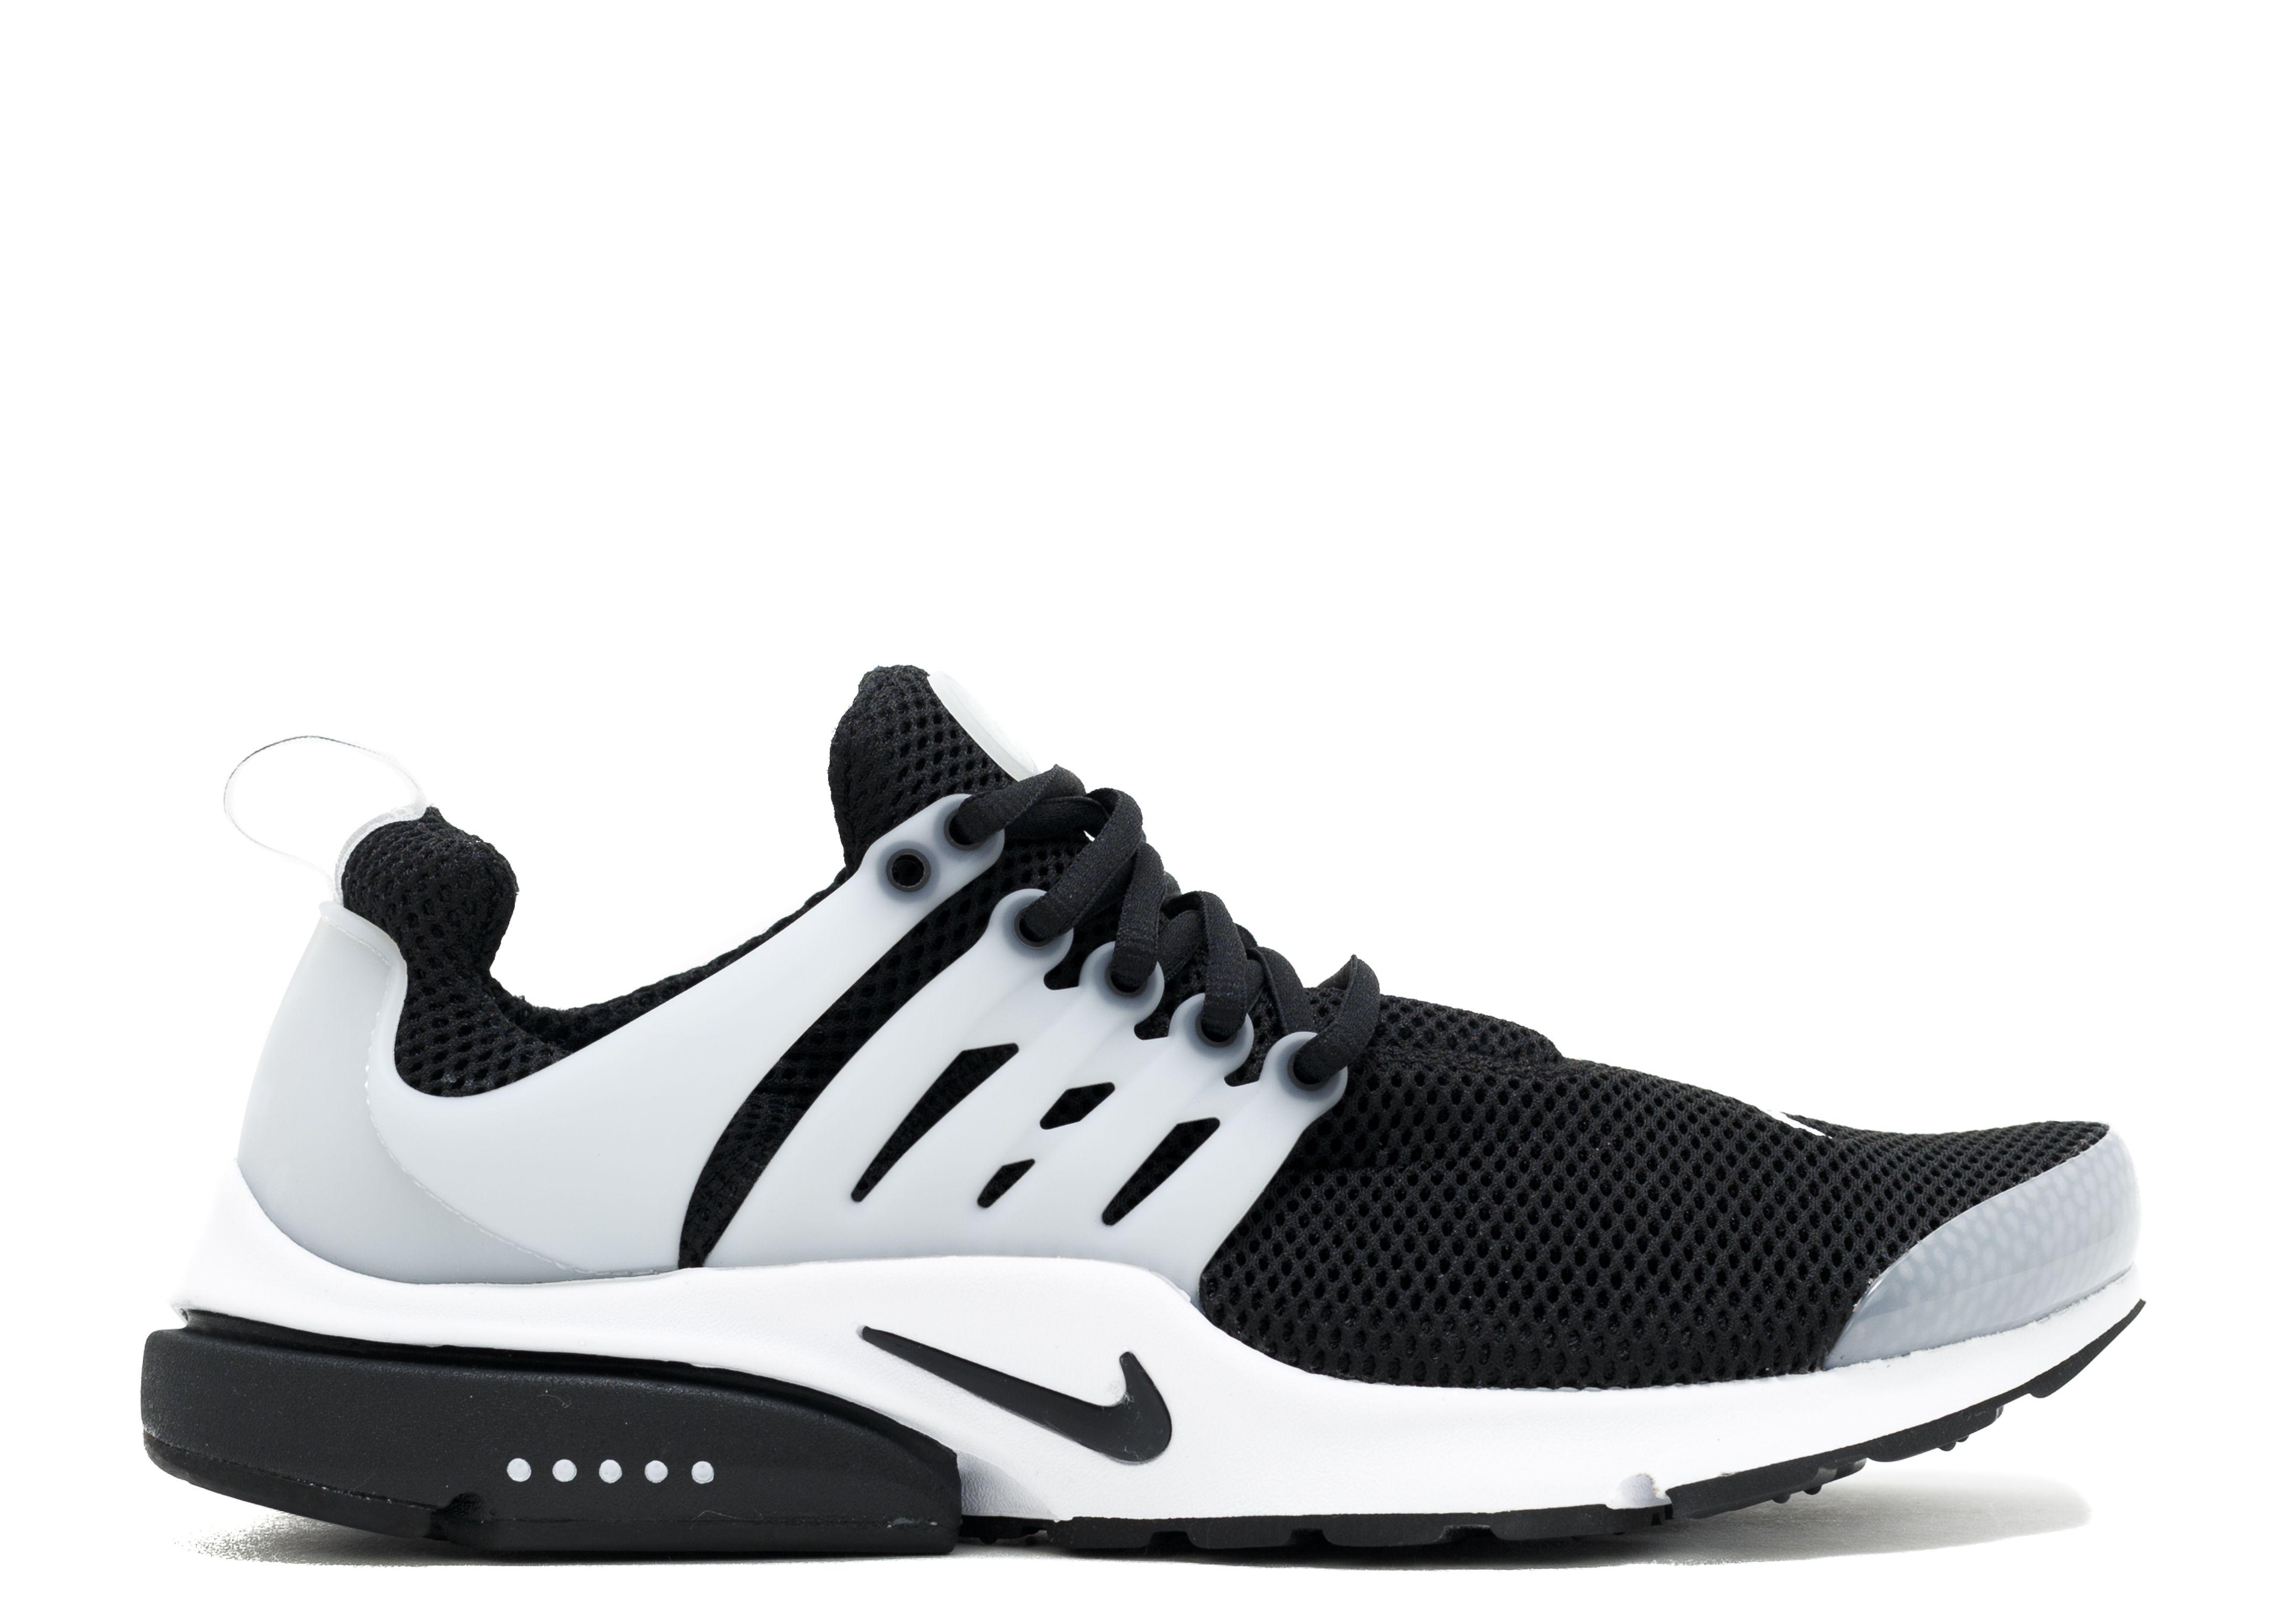 Nike Presto High Ankle Price In India